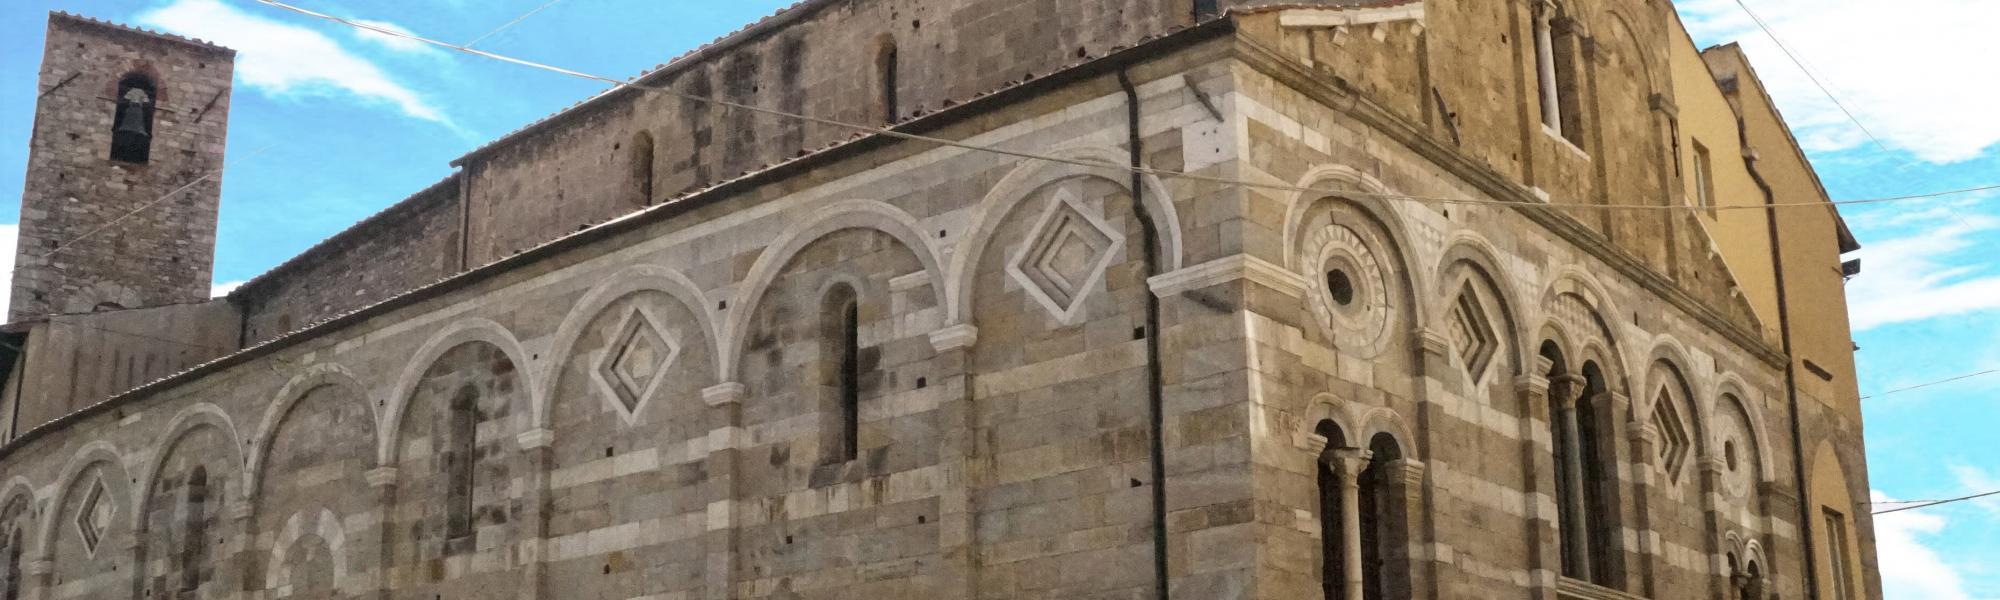 San Pierino in vinculis (M. Del Rosso, Comune di Pisa)